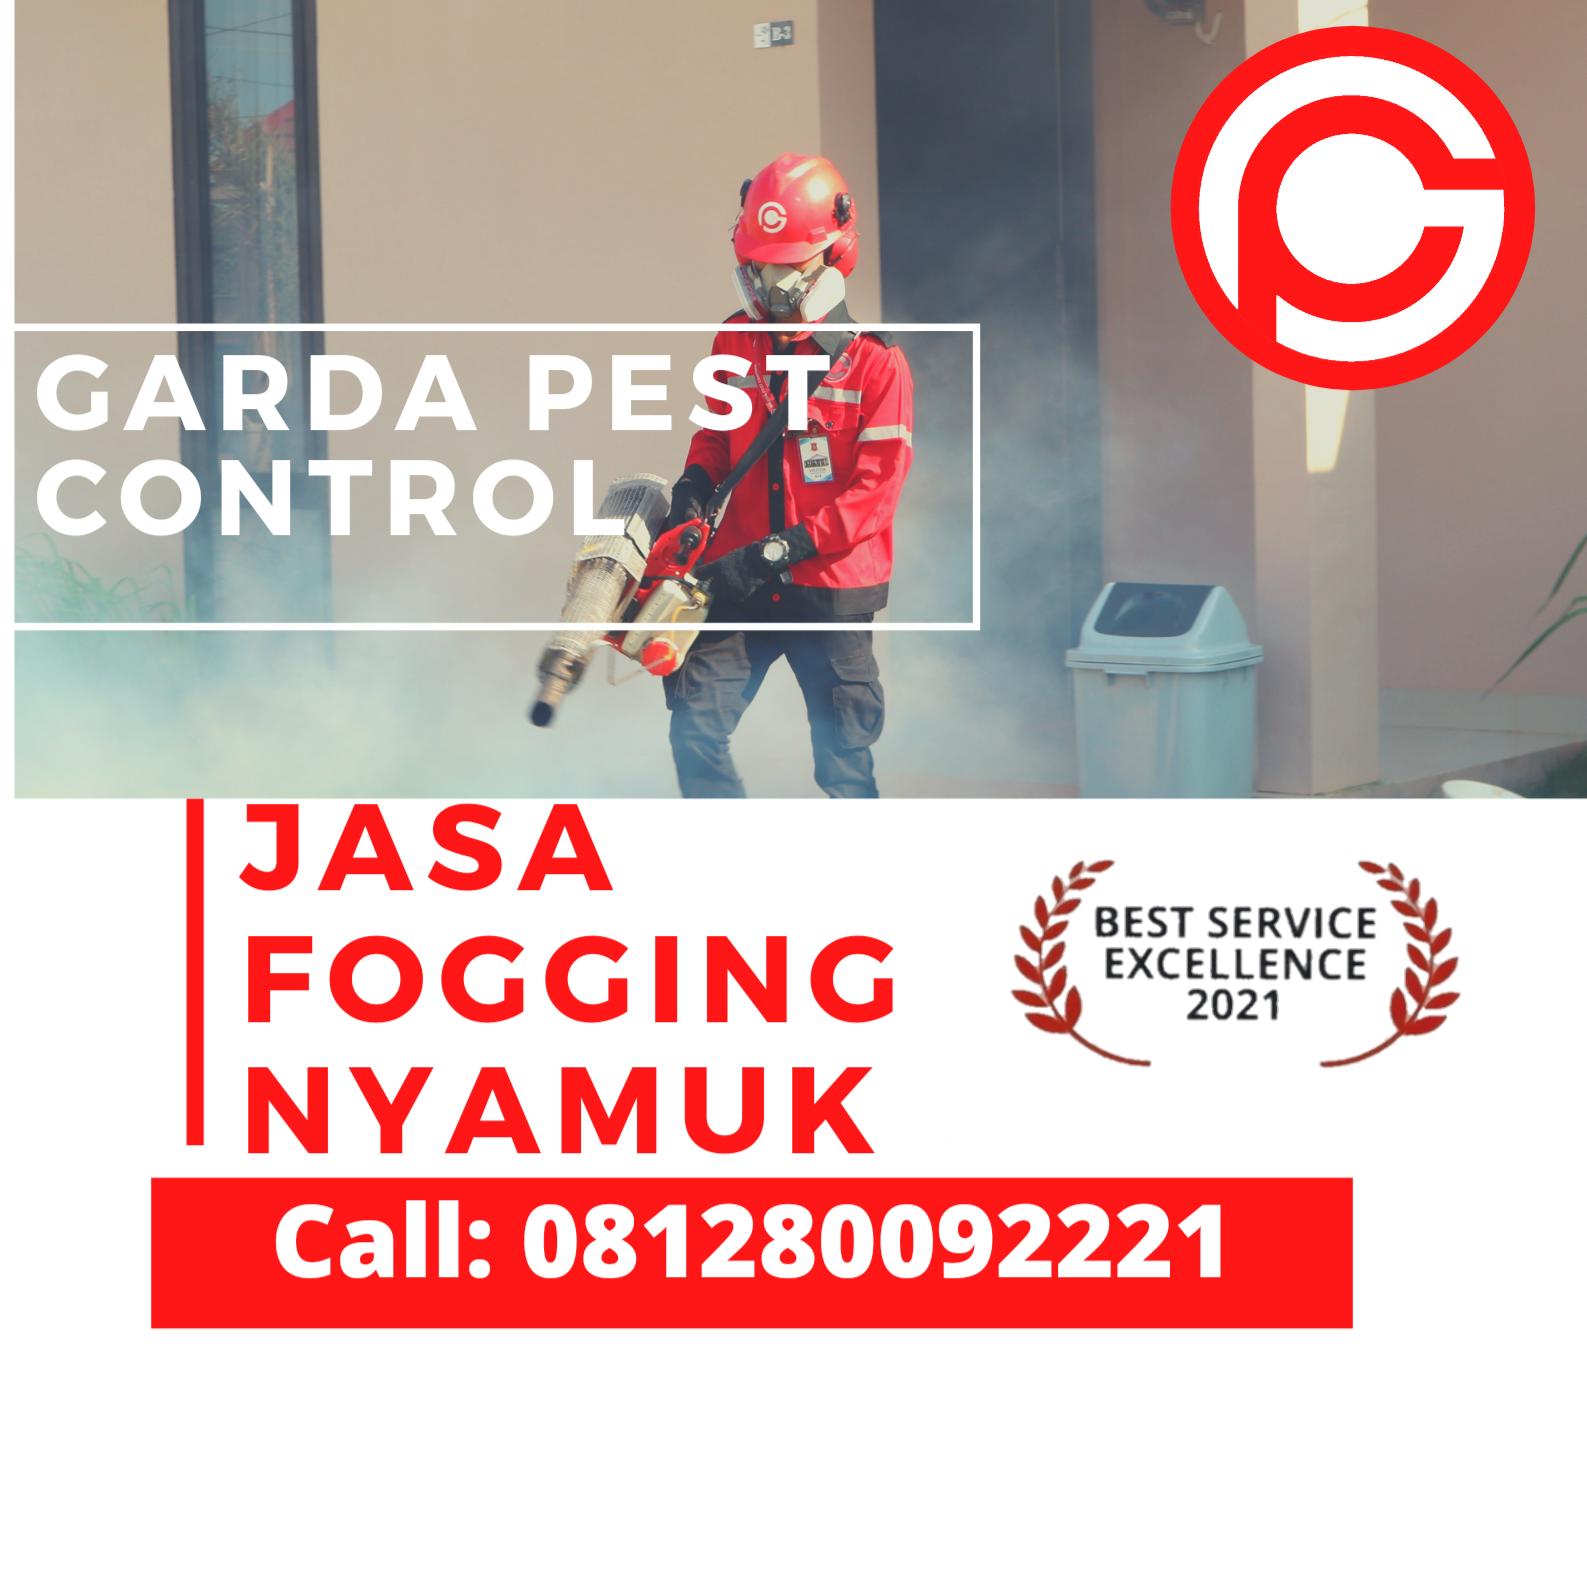 Jasa Fogging Nyamuk Bandung